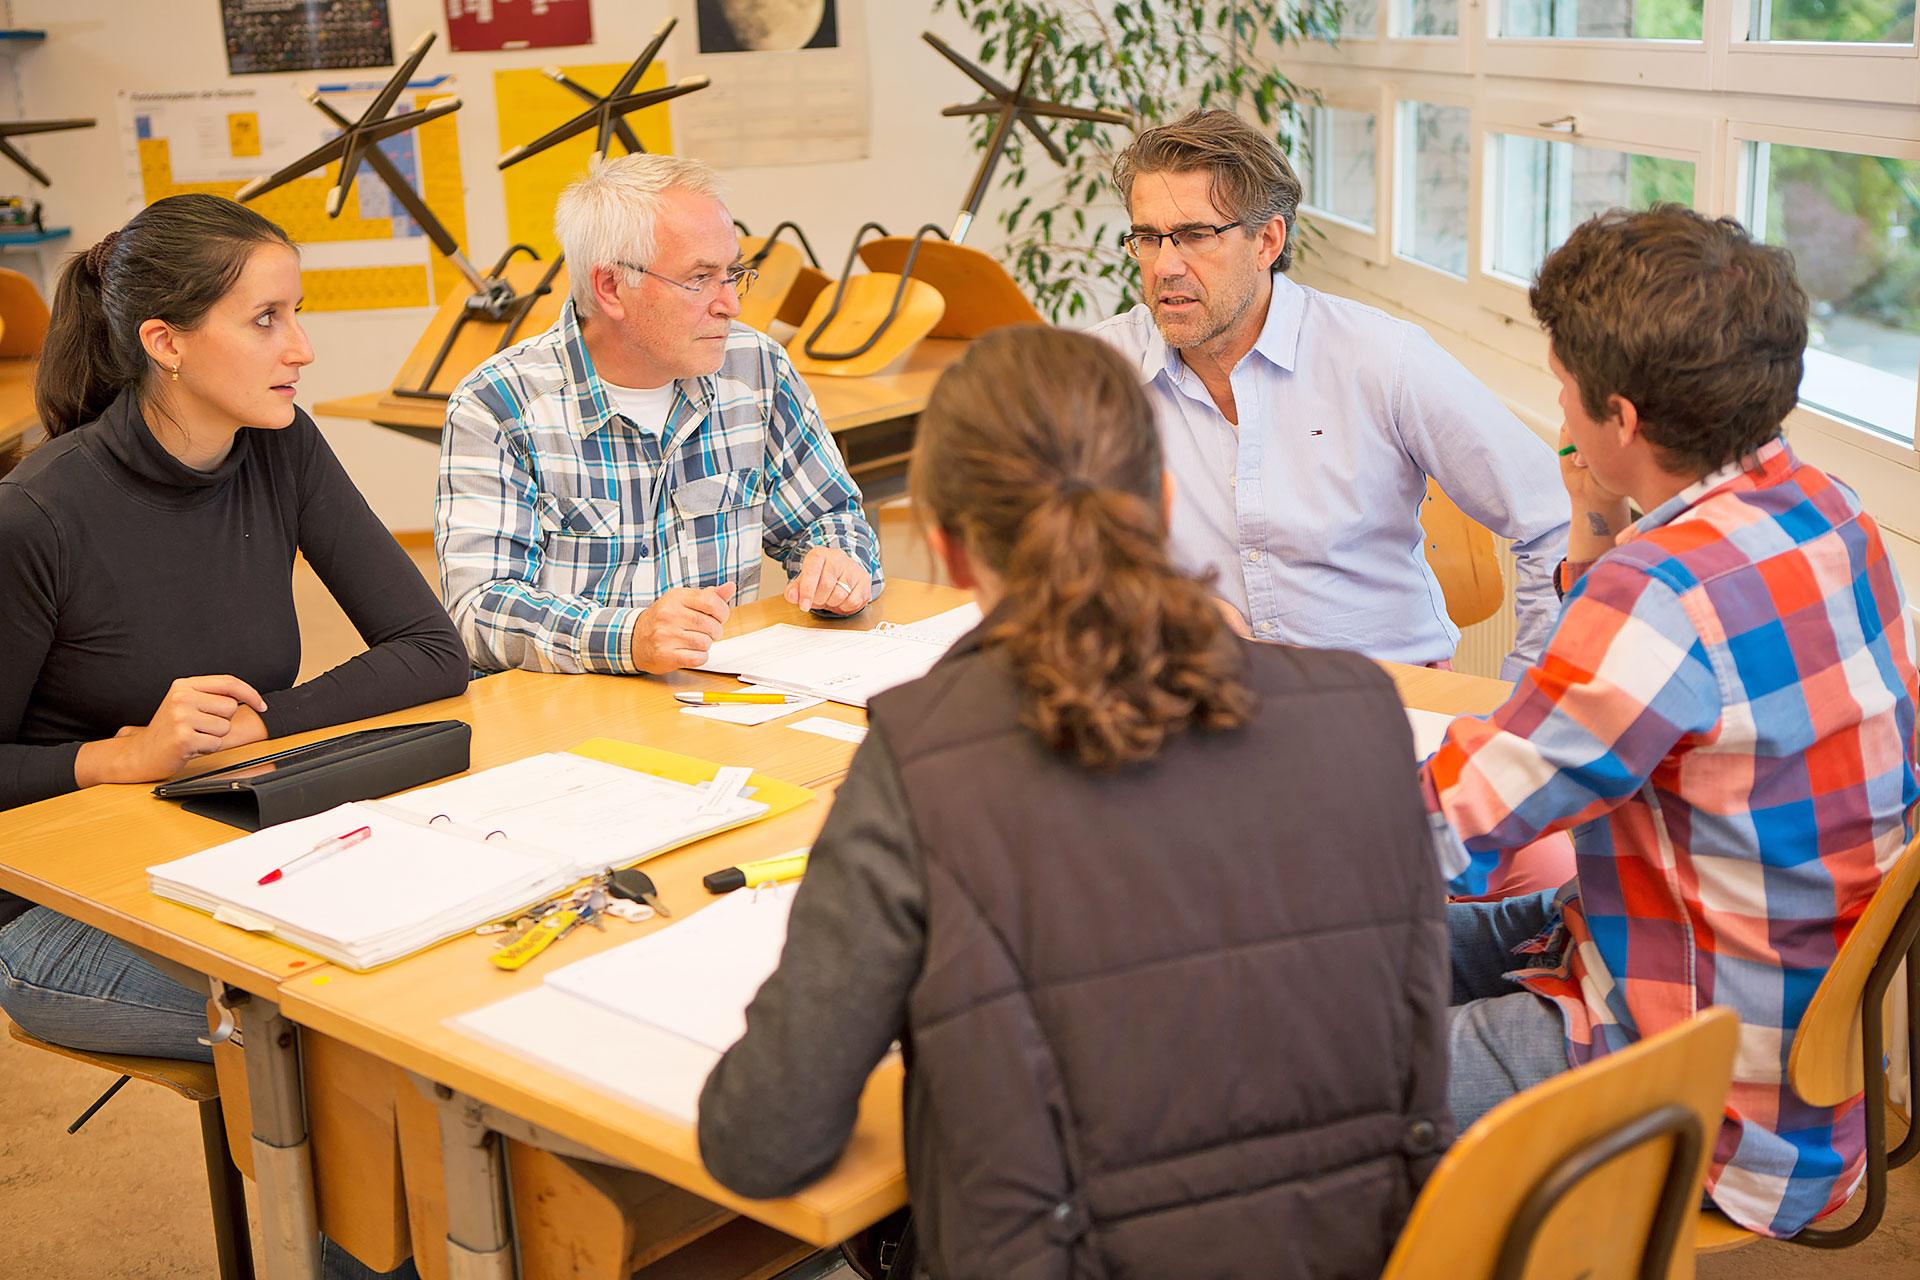 Fünf Personen während einer Besprechung in einem Schulzimmer